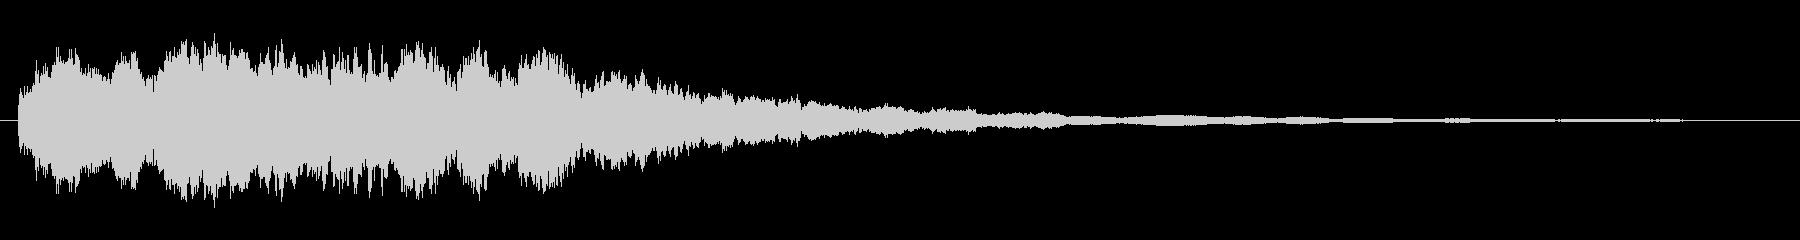 コキカ〜ン (水晶のような美しい音)の未再生の波形